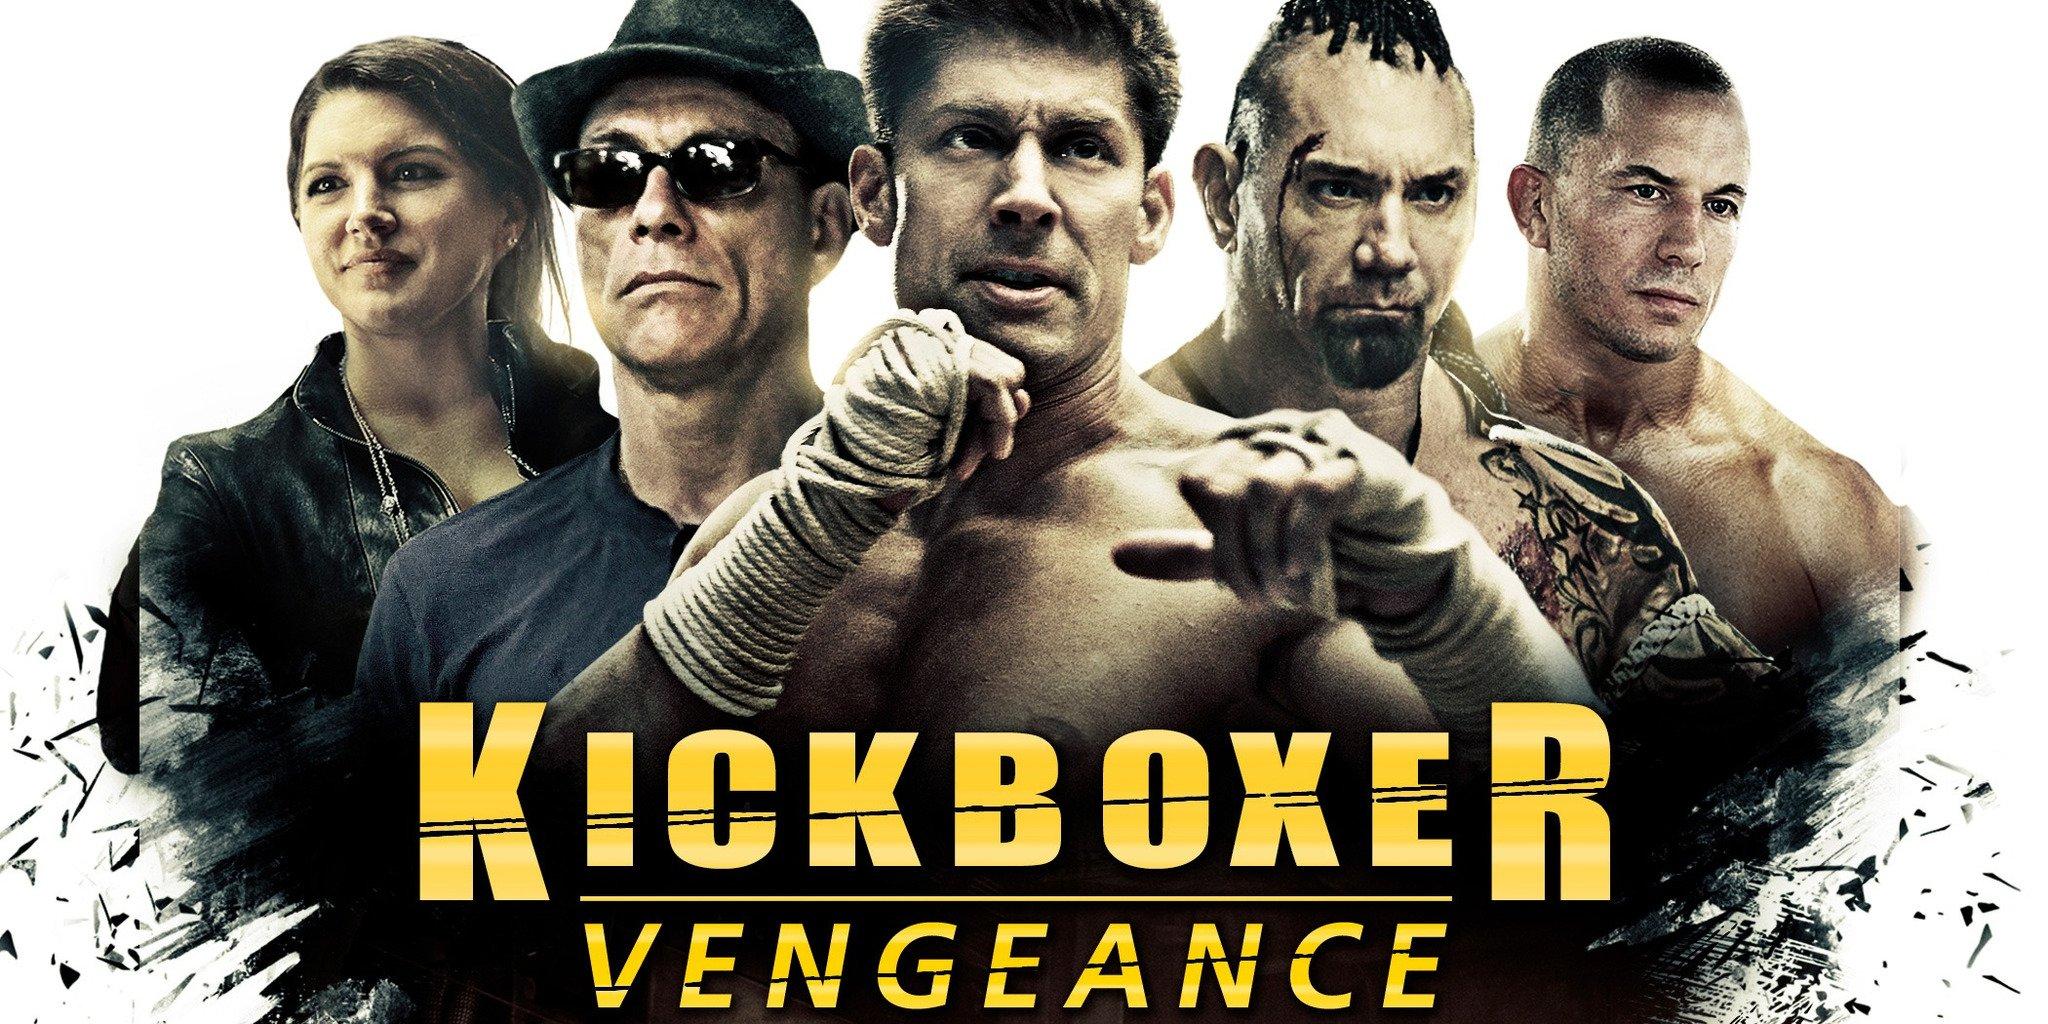 kickboxer_vengeance_2016_10911798